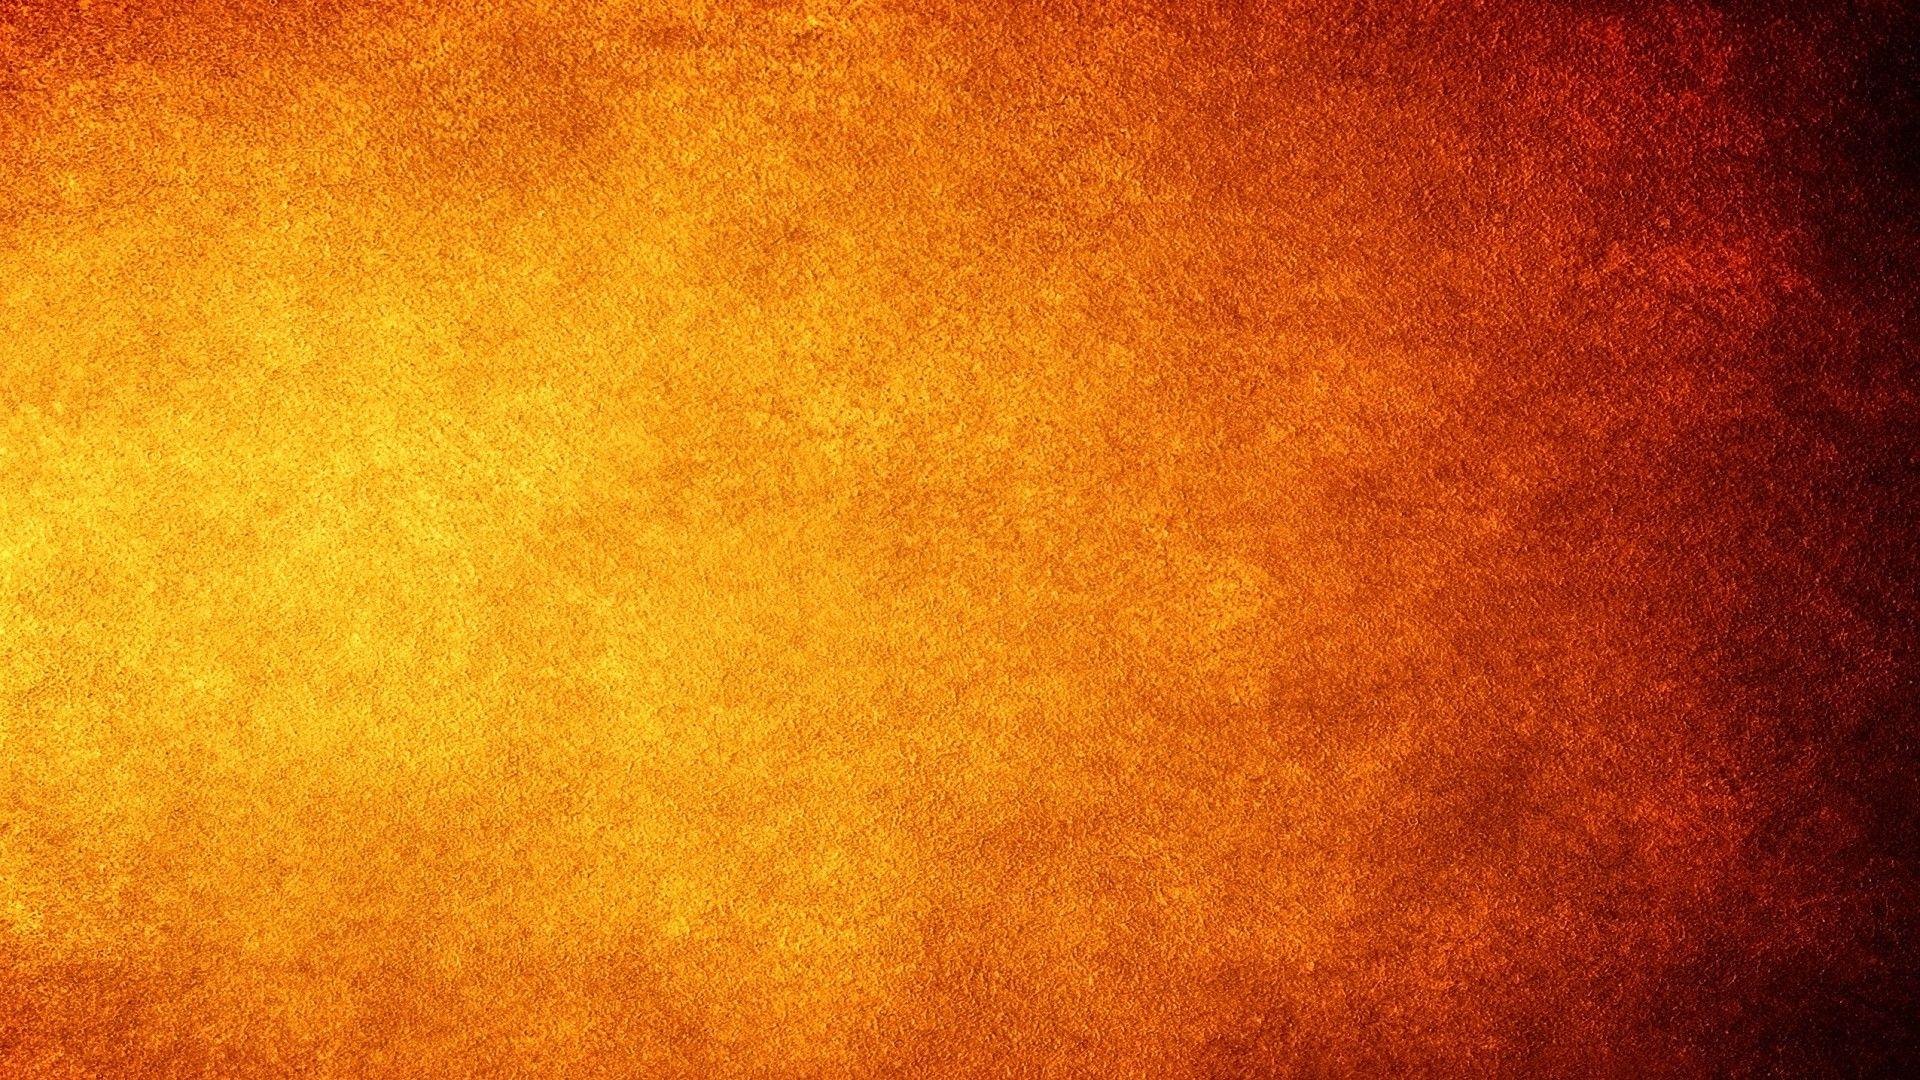 Orange Picture